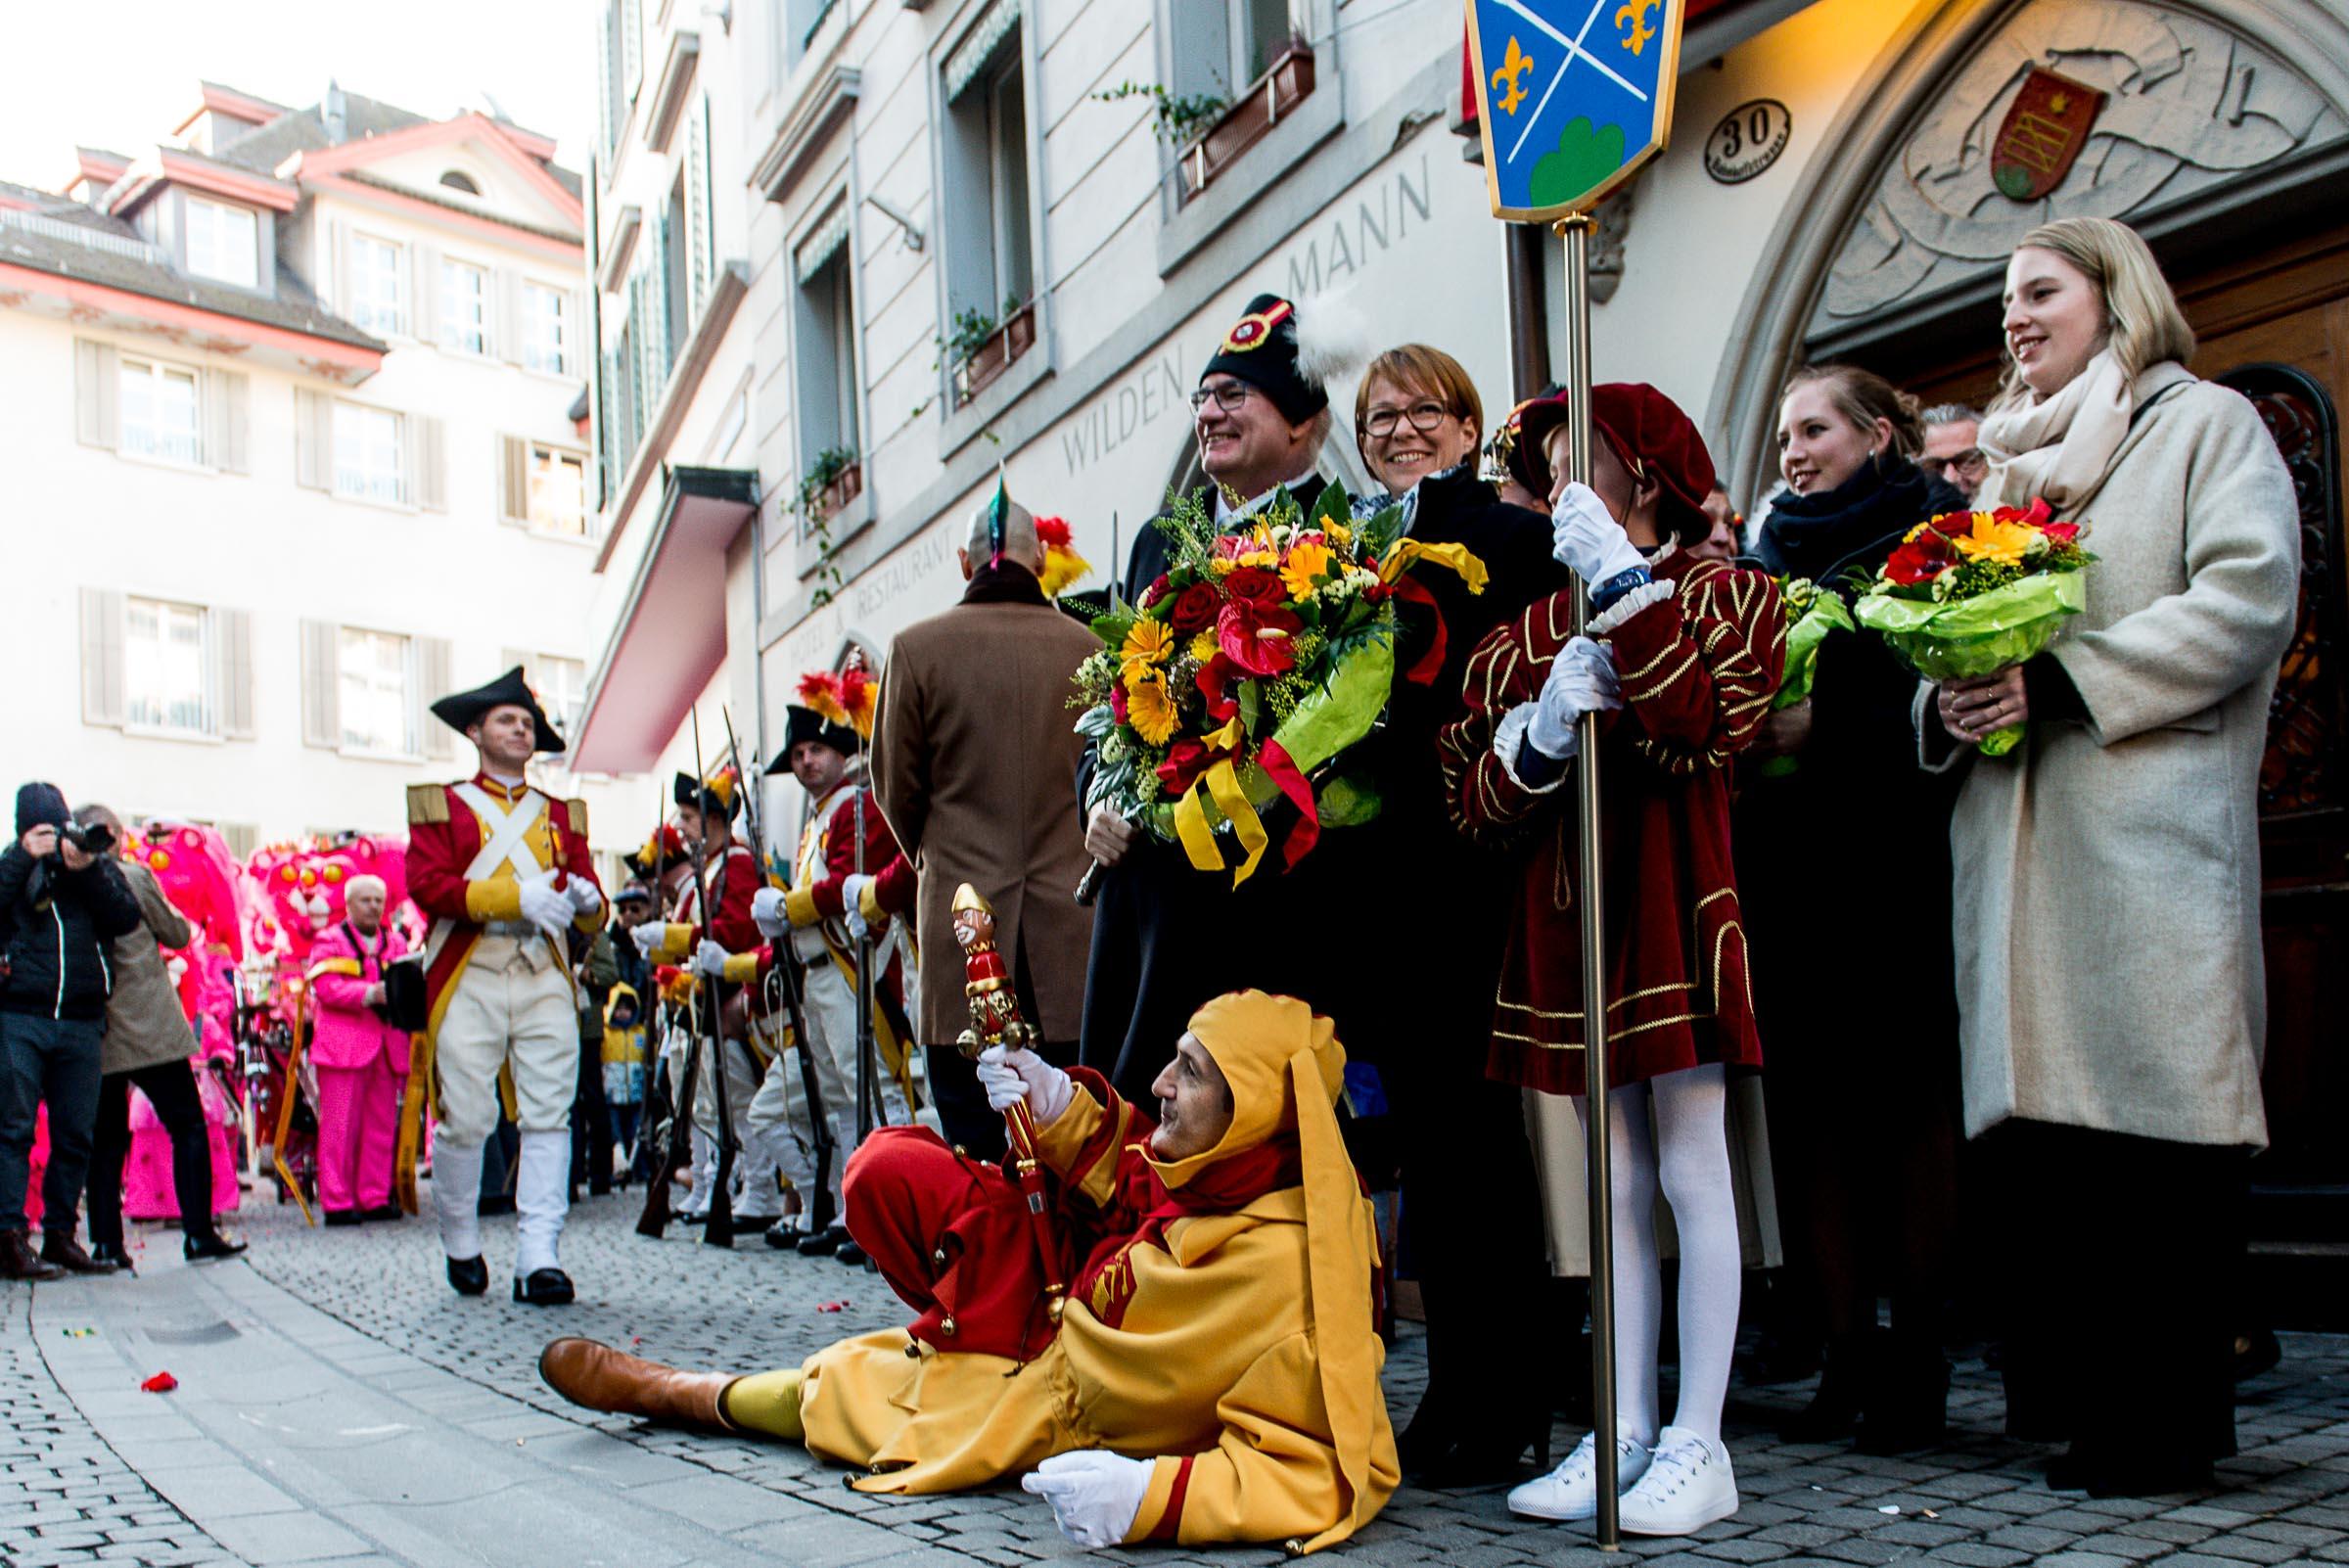 Fritschivater Abholung 2019 vor dem Hotel Wilden Mann in Luzern